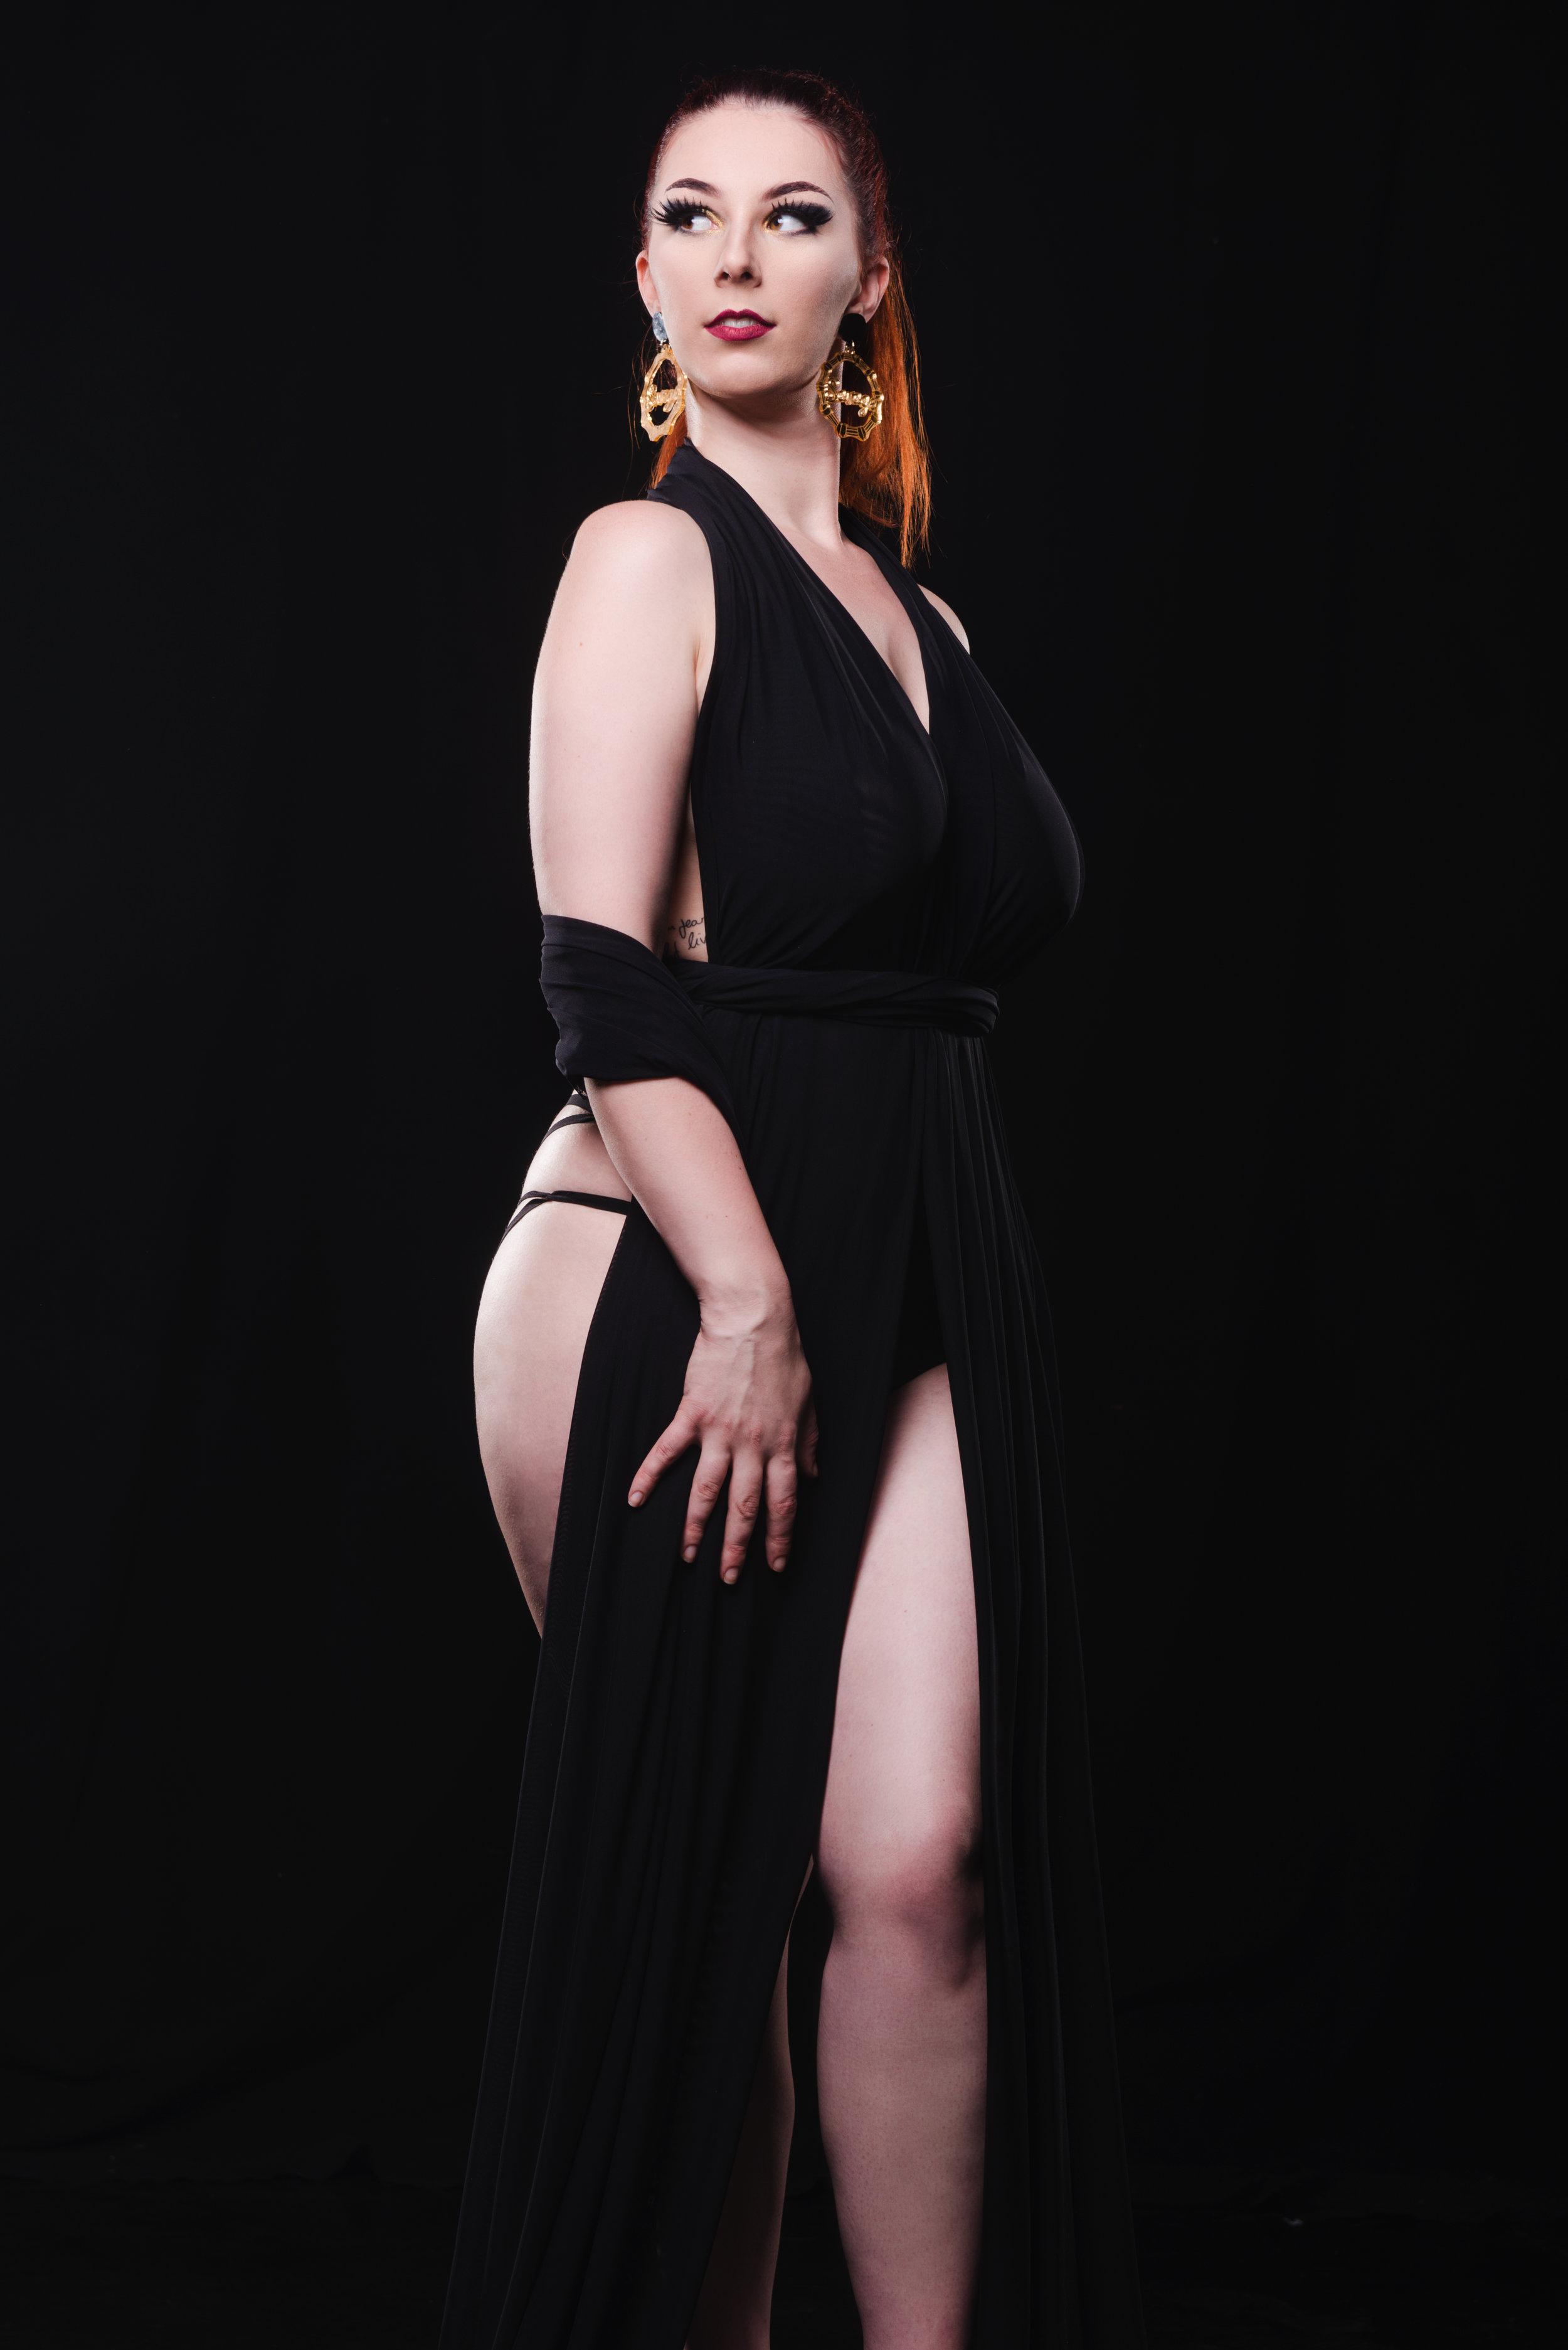 Valerie Savage by Joel Devereux